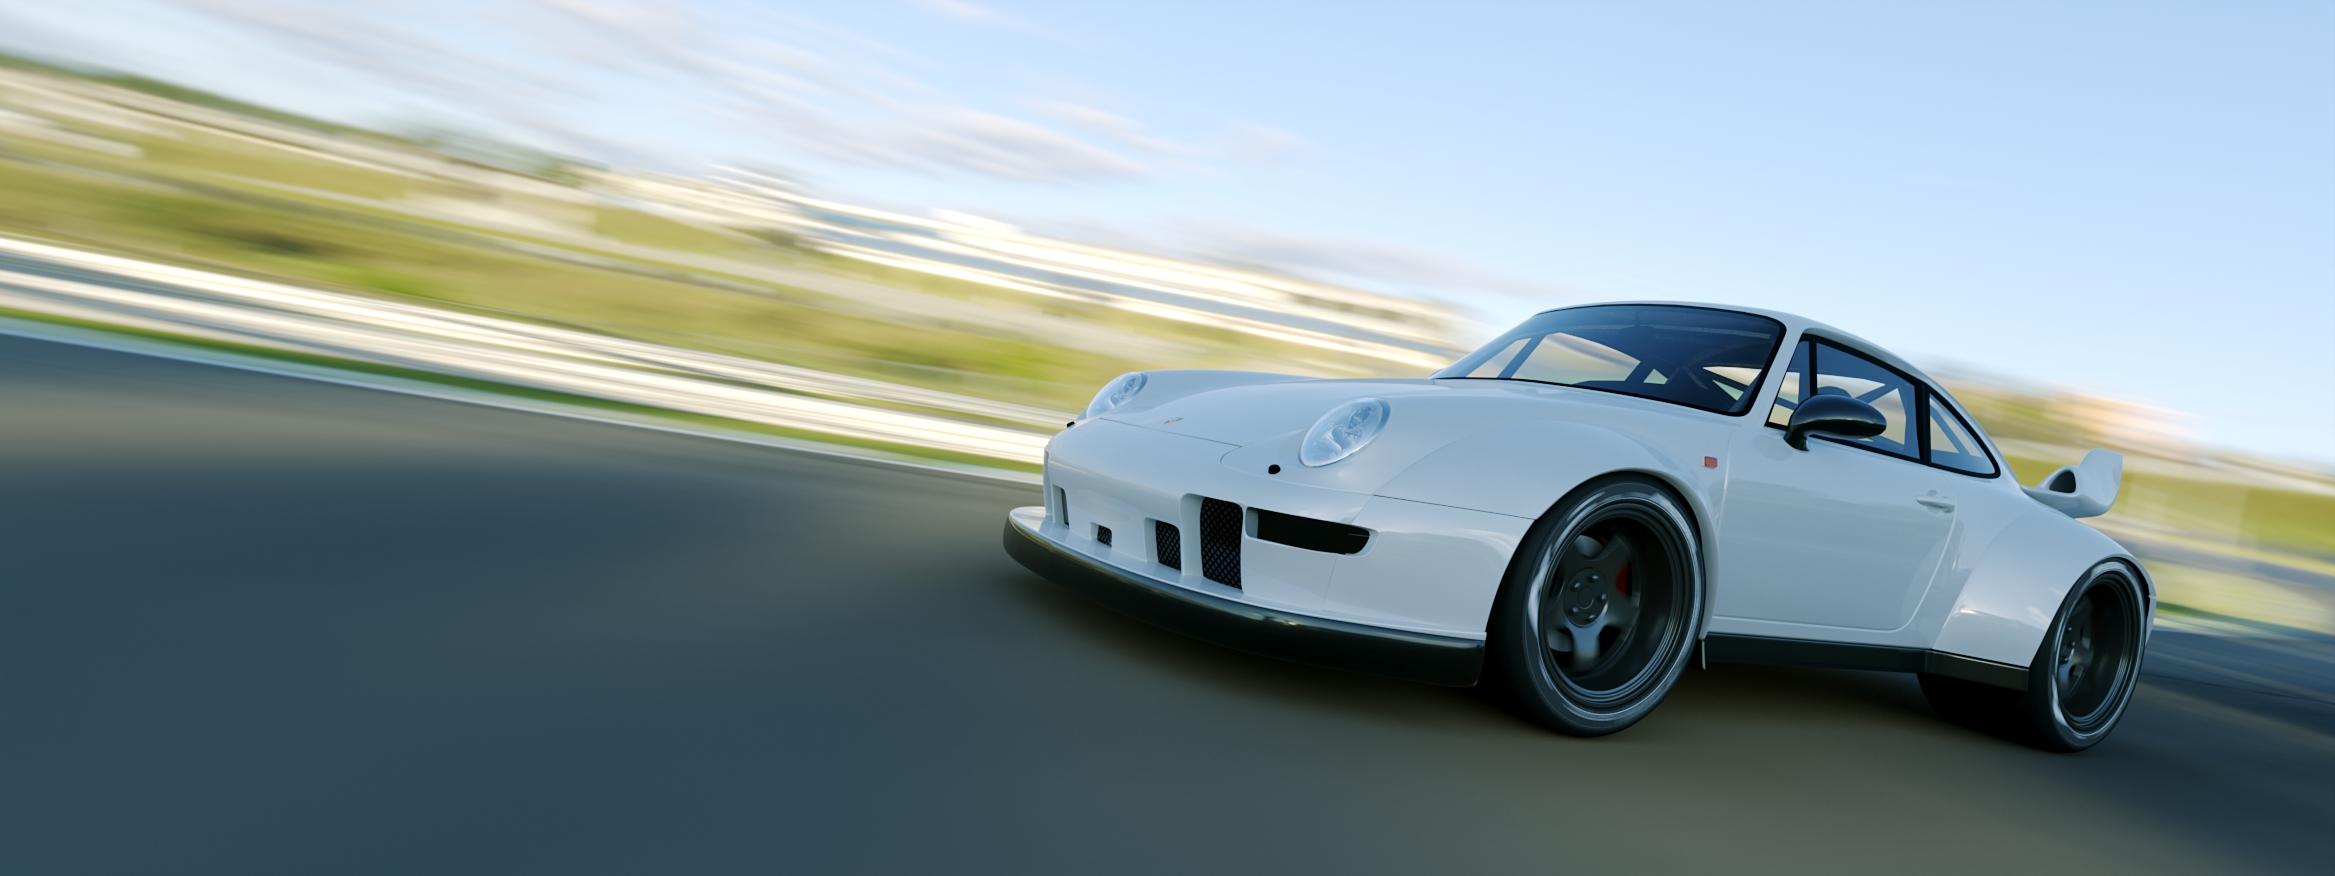 Porsche_964_corona_01